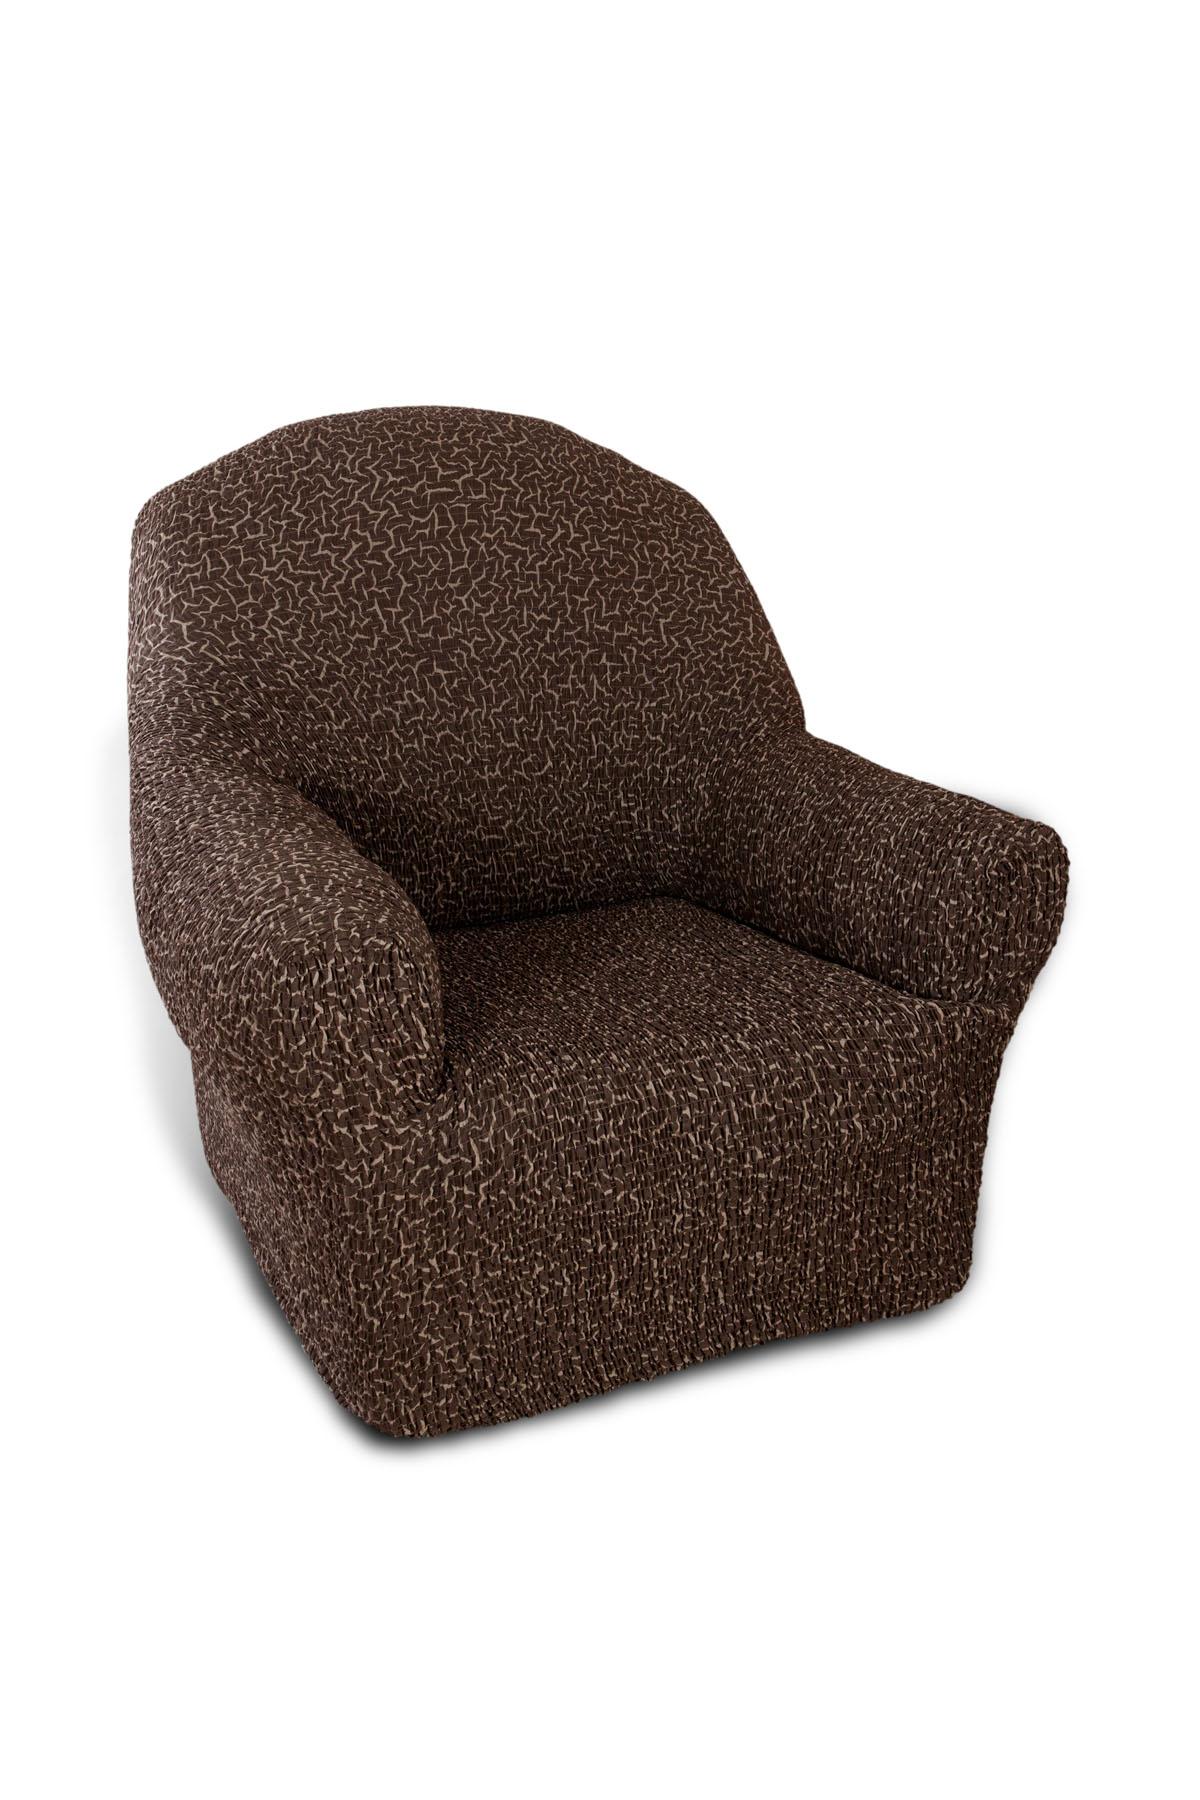 Чехол на кресло Еврочехол Плиссе, цвет: темно-коричневый, 60-90 см7/52-1Чехол на кресло Еврочехол Плиссе выполнен из 50% хлопка и 50% полиэстера. Такой состав ткани гипоаллергенен, а потому безопасен для малышей или людей пожилого возраста. Такой чехол защитит вашу мебель от повседневных воздействий. Дизайн чехла отлично впишется в интерьер, выполненный из натуральных материалов. Приятный оттенок придаст ощущение свежести и единения с природой. Чехол Плиссе - отличный вариант для мебели в гостиной, кухне, спальне, детской или прихожей! Интерьер в стиле эко, кантри, фьюжн, хай-тек, скандинавских мотивов и других. Утонченный итальянский дизайн чехла отлично впишется в городские и загородные дома. Гарантированное итальянское качество производства обеспечит долгое пользование. Растяжимость чехла по спинке (без учета подлокотников): 60-90 см.